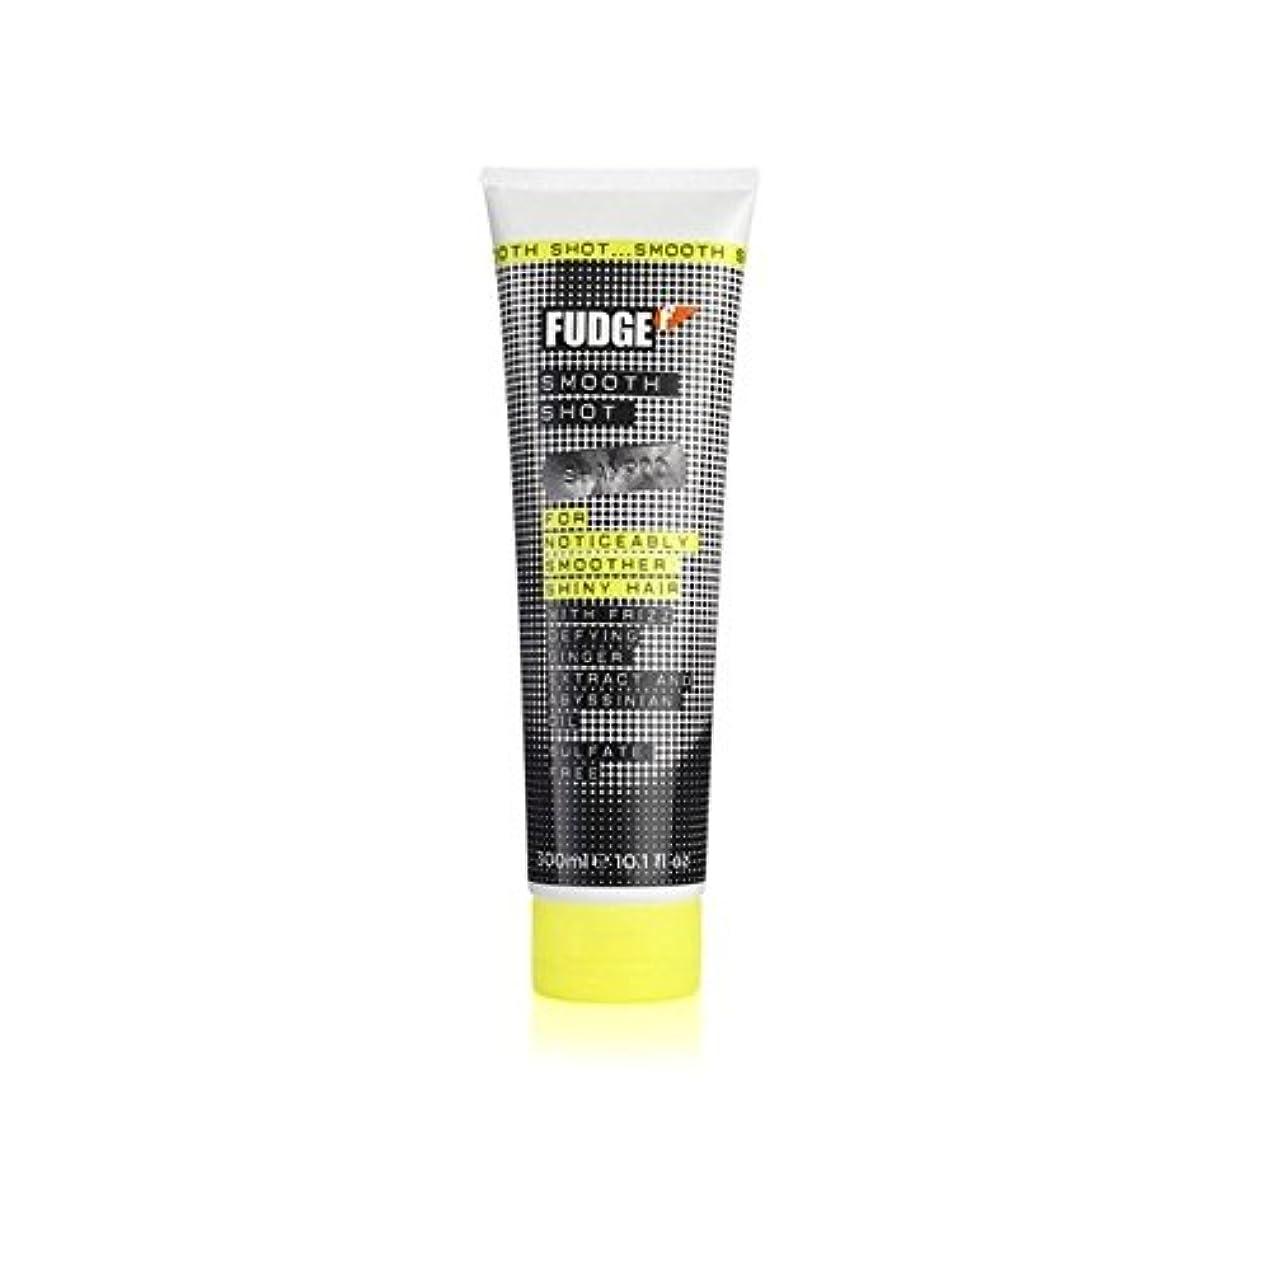 固執シェア抵抗力があるFudge Smooth Shot Shampoo (300ml) (Pack of 6) - ファッジスムーズなショットシャンプー(300ミリリットル) x6 [並行輸入品]